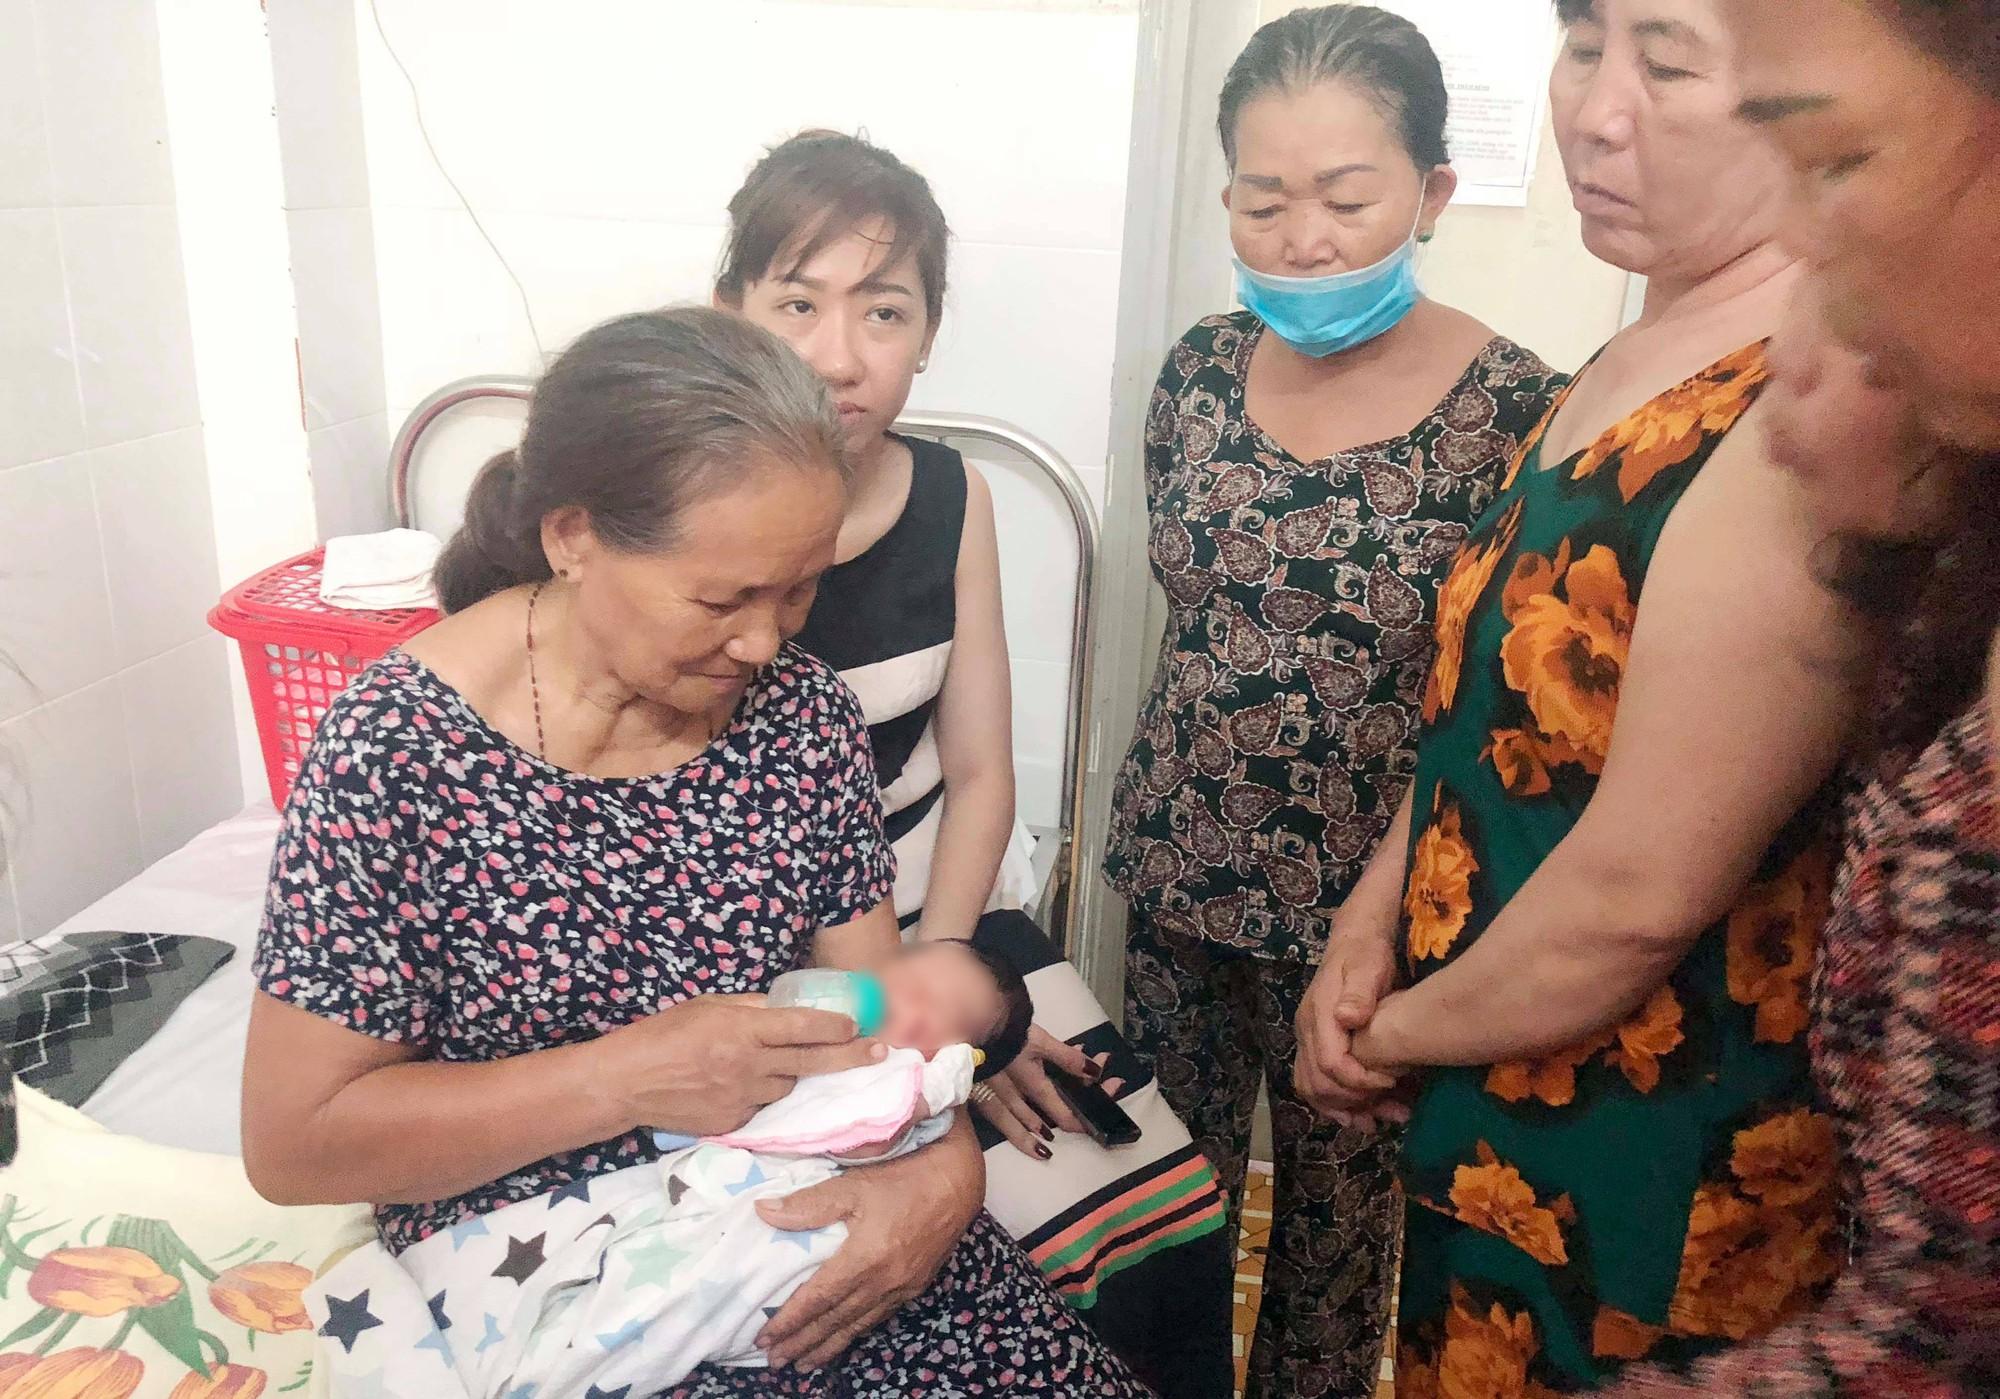 Vụ bé sơ sinh nghi bị chôn sống ở Bình Thuận: Một người phụ nữ nhận là mẹ và chôn sống con khi vừa mới sinh ra - Ảnh 3.